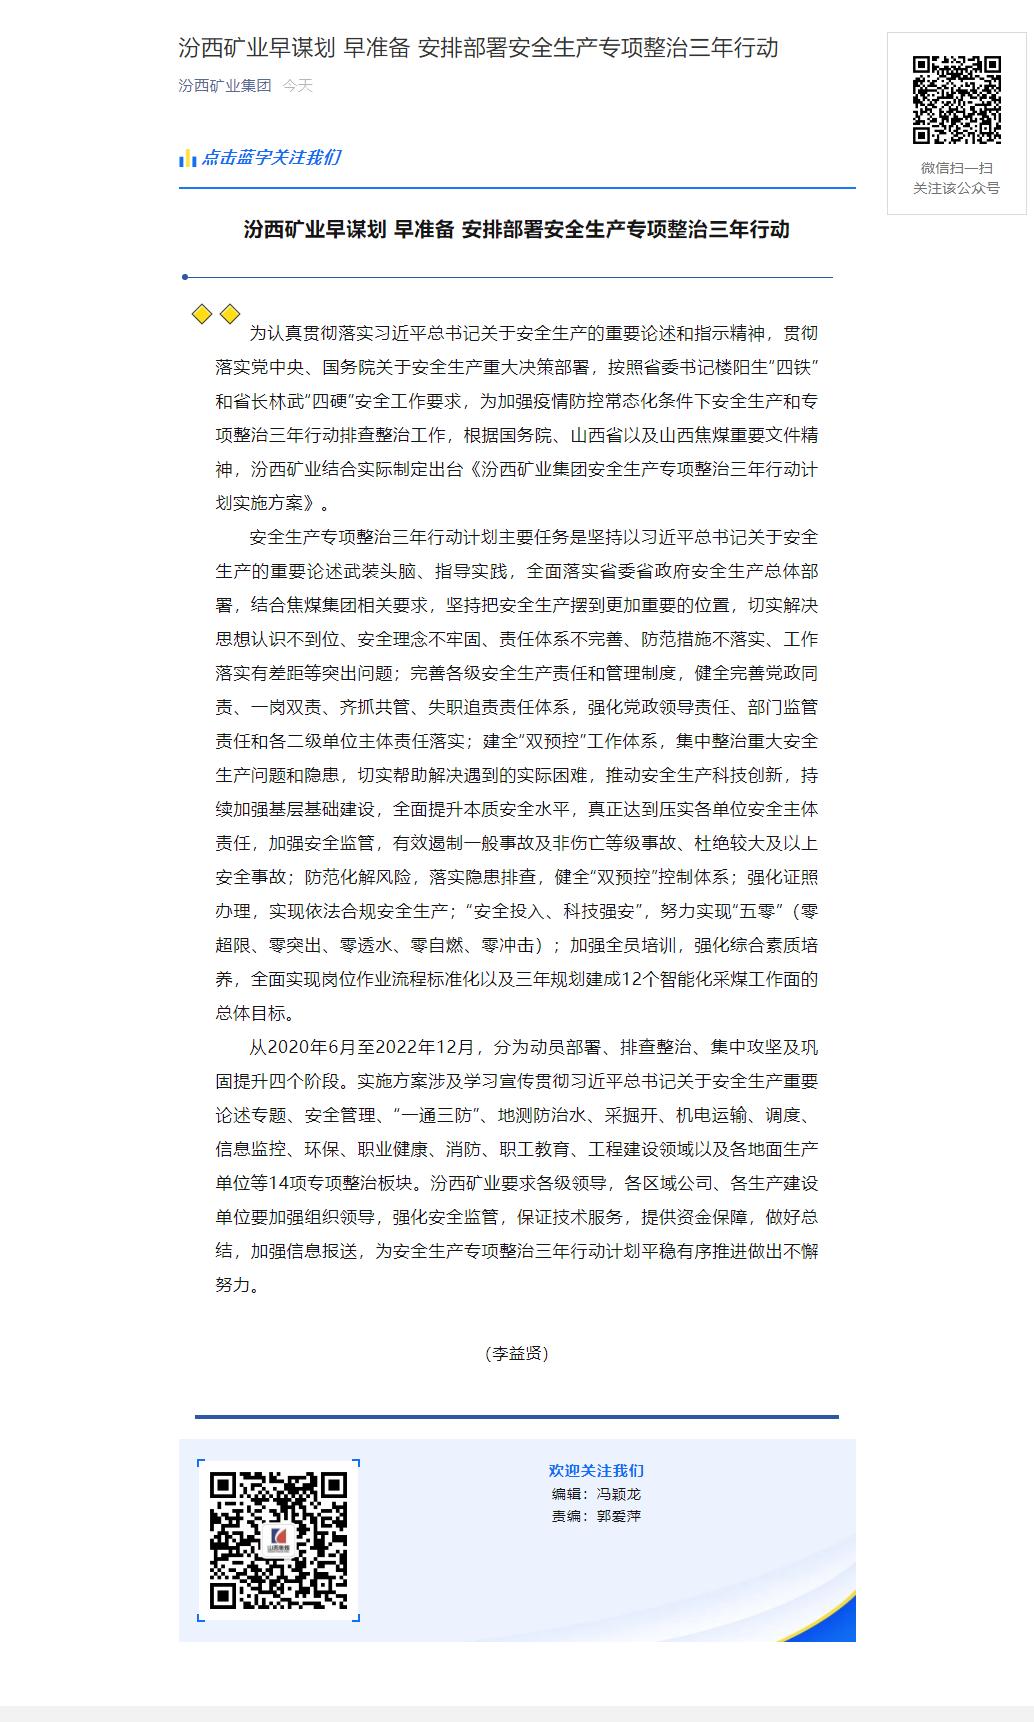 汾西矿业早谋划 早准备 安排部署安全生产专项整治三年行动.png